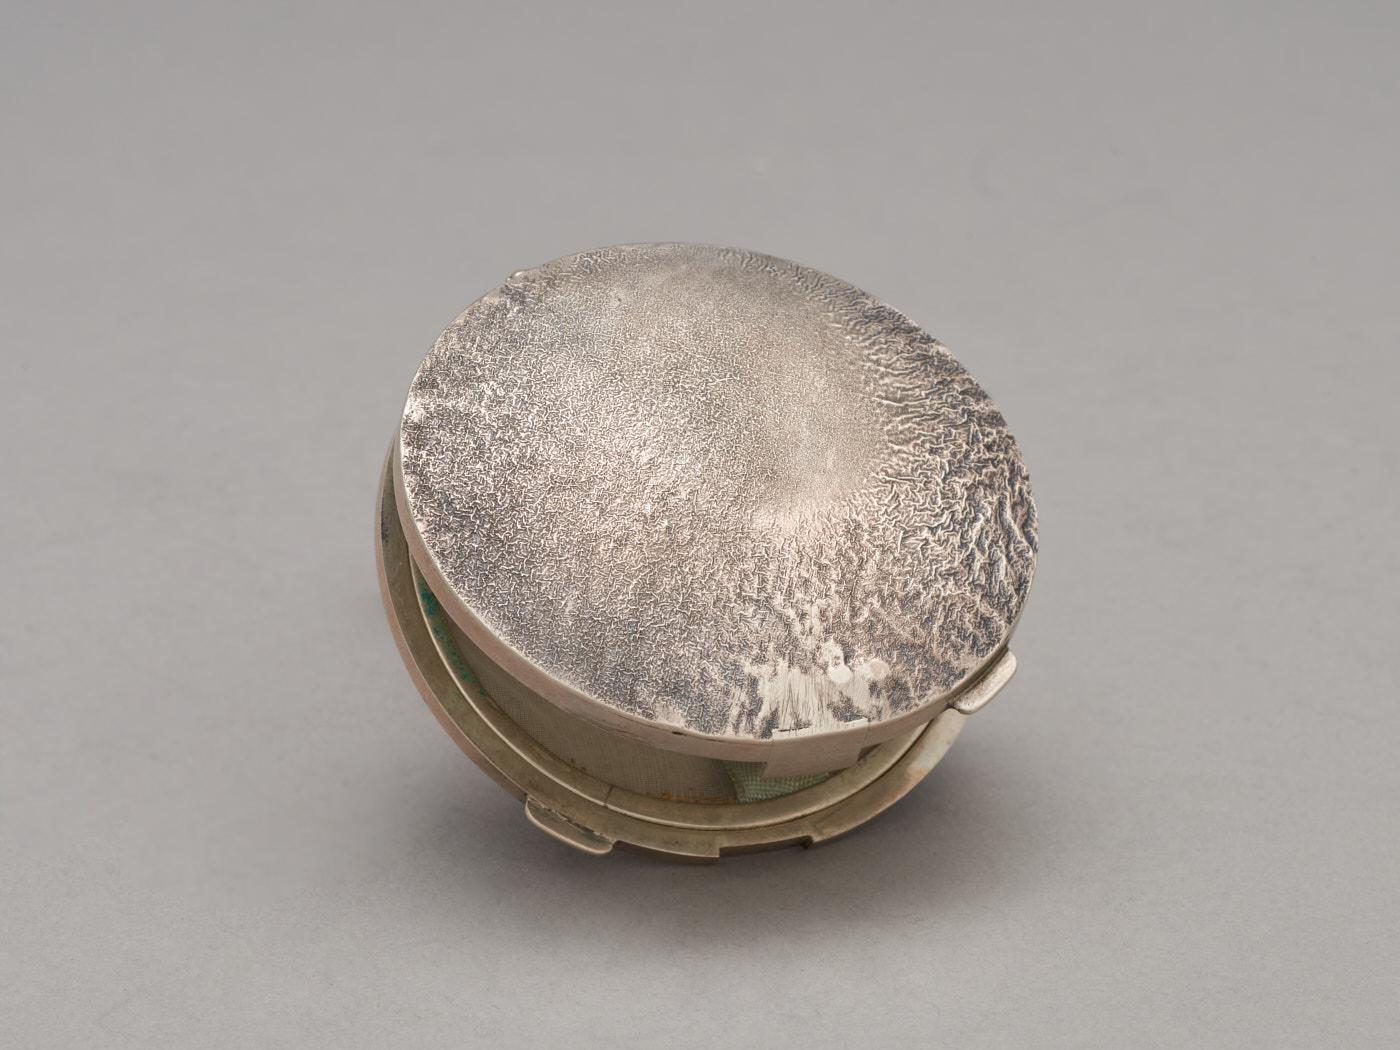 Zdjęcie srebrnej, okrągłej puderniczki. Nawieku nieregularna faktura, powstała poprzez rozgrzanie istopienie wierzchniej warstwy metalu.